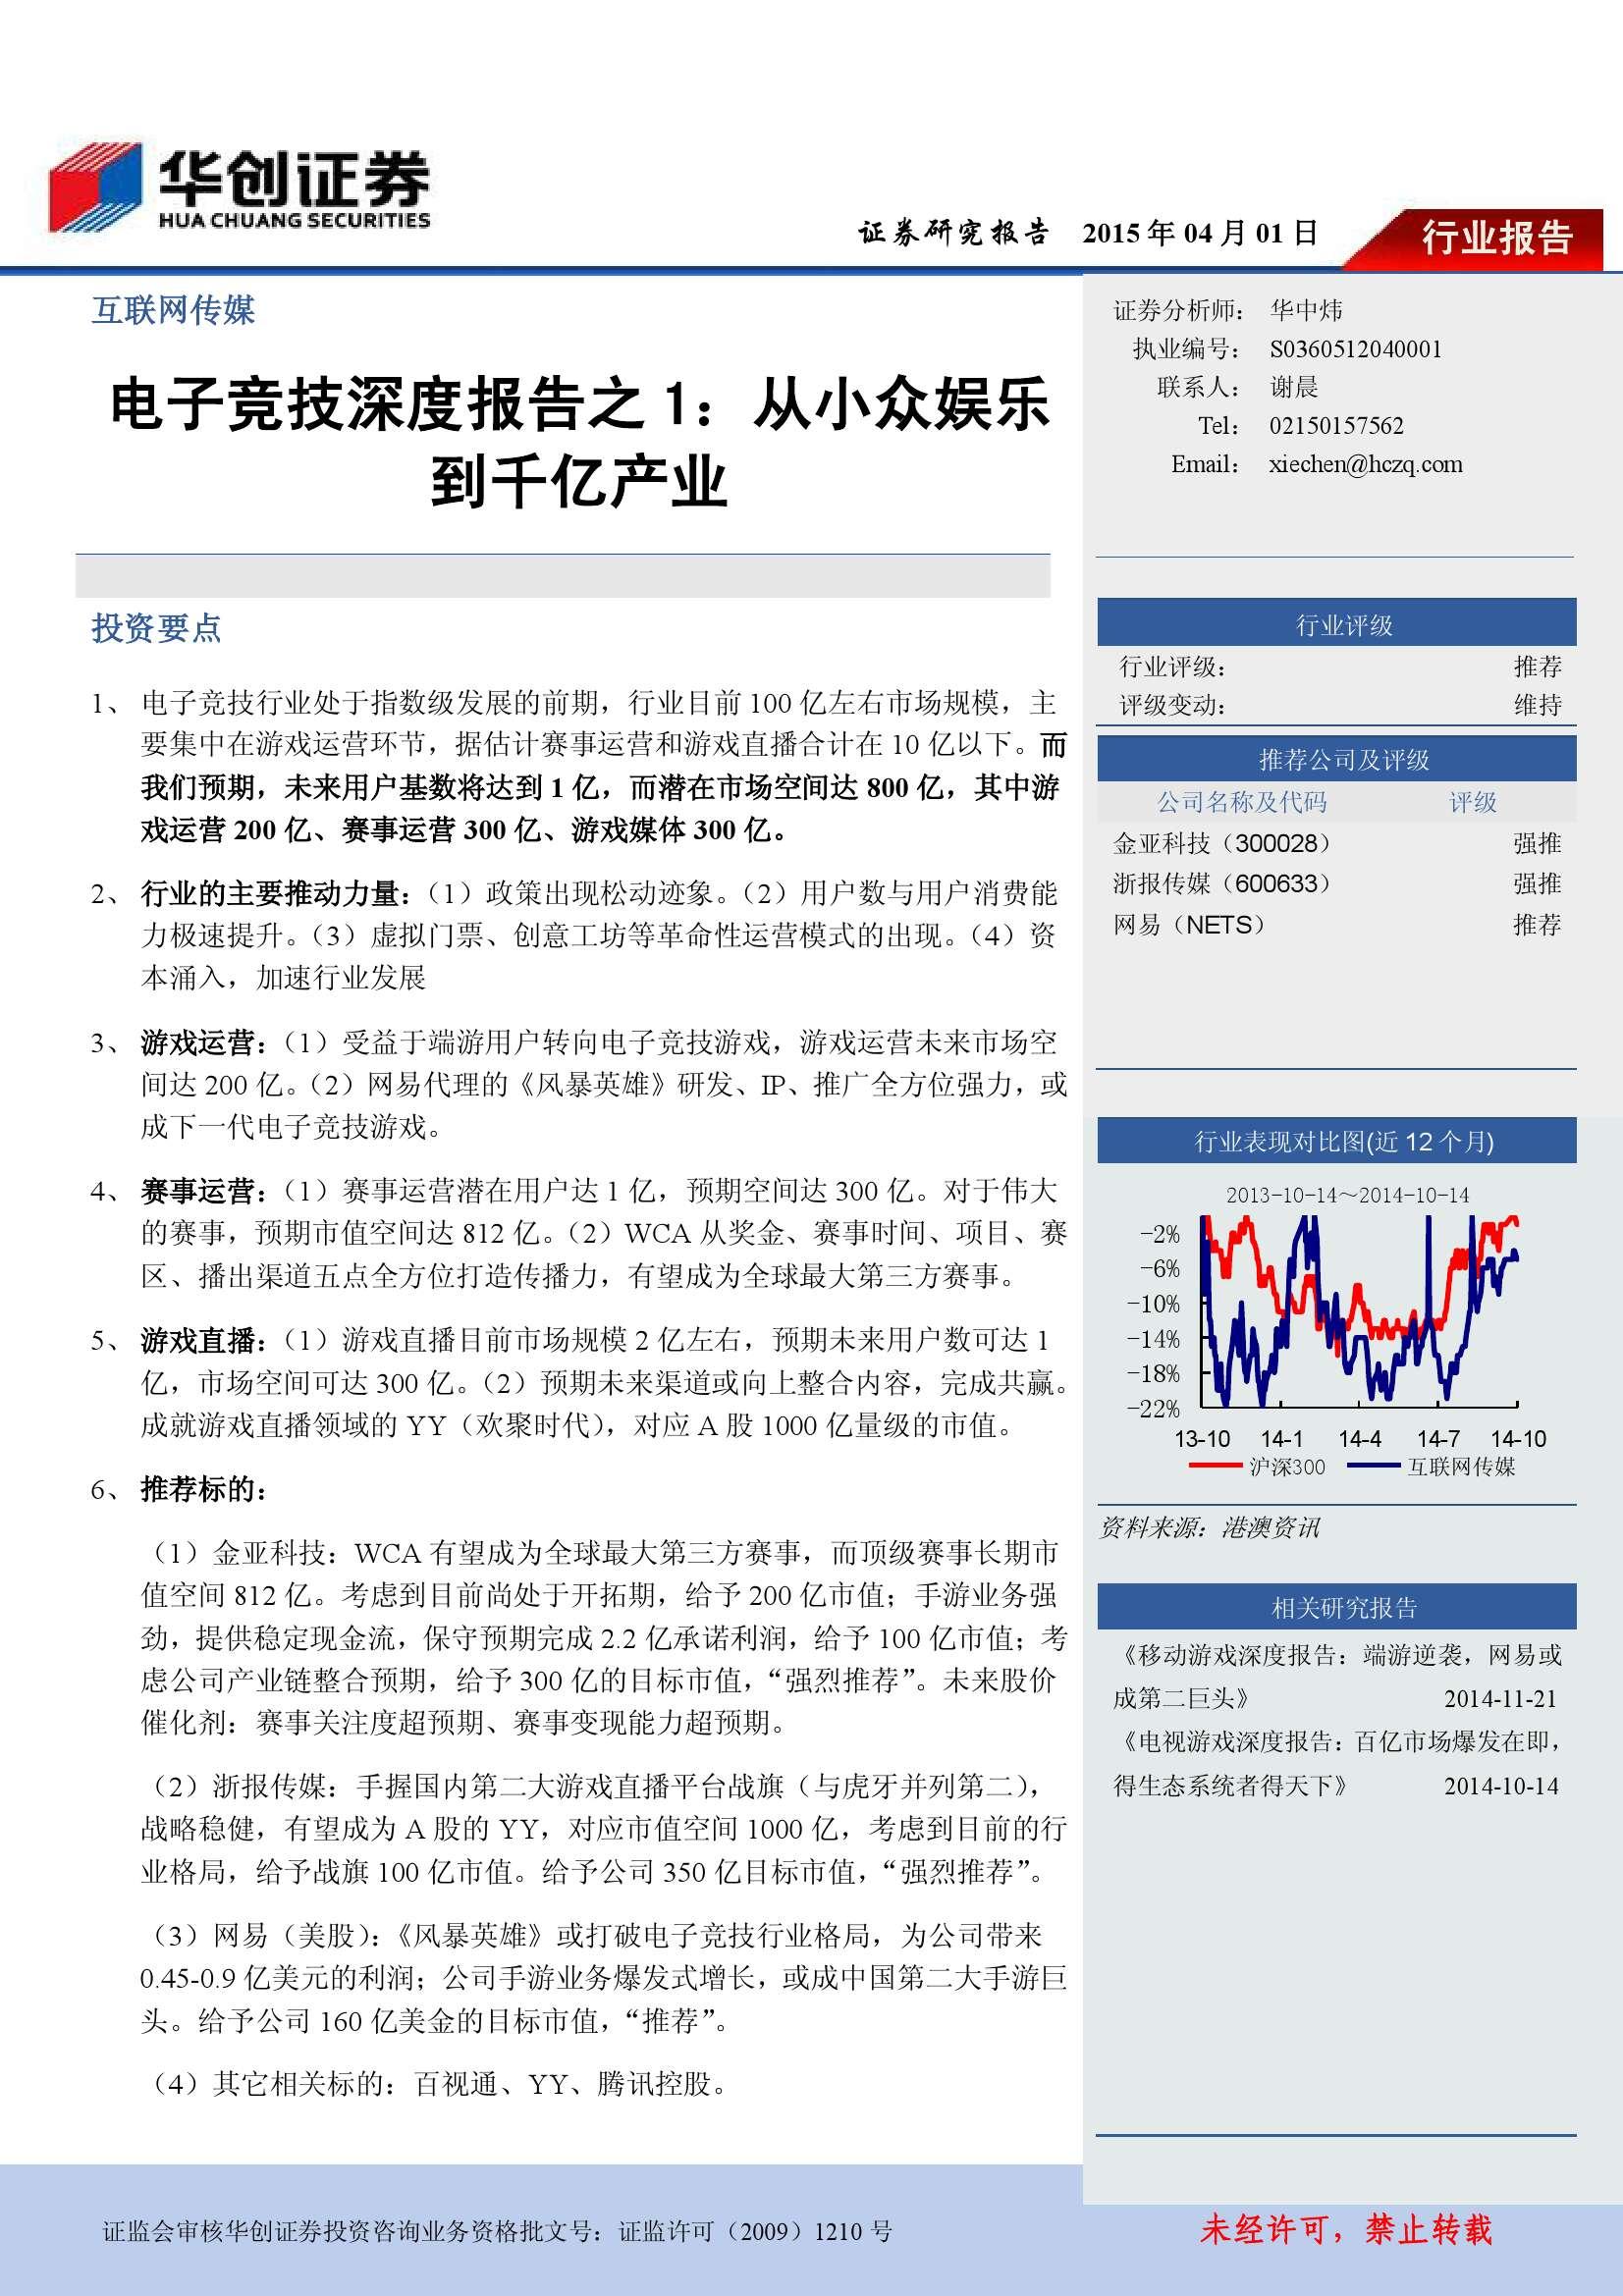 电子竞技深度报告:从小众娱乐 到千亿产业_000001